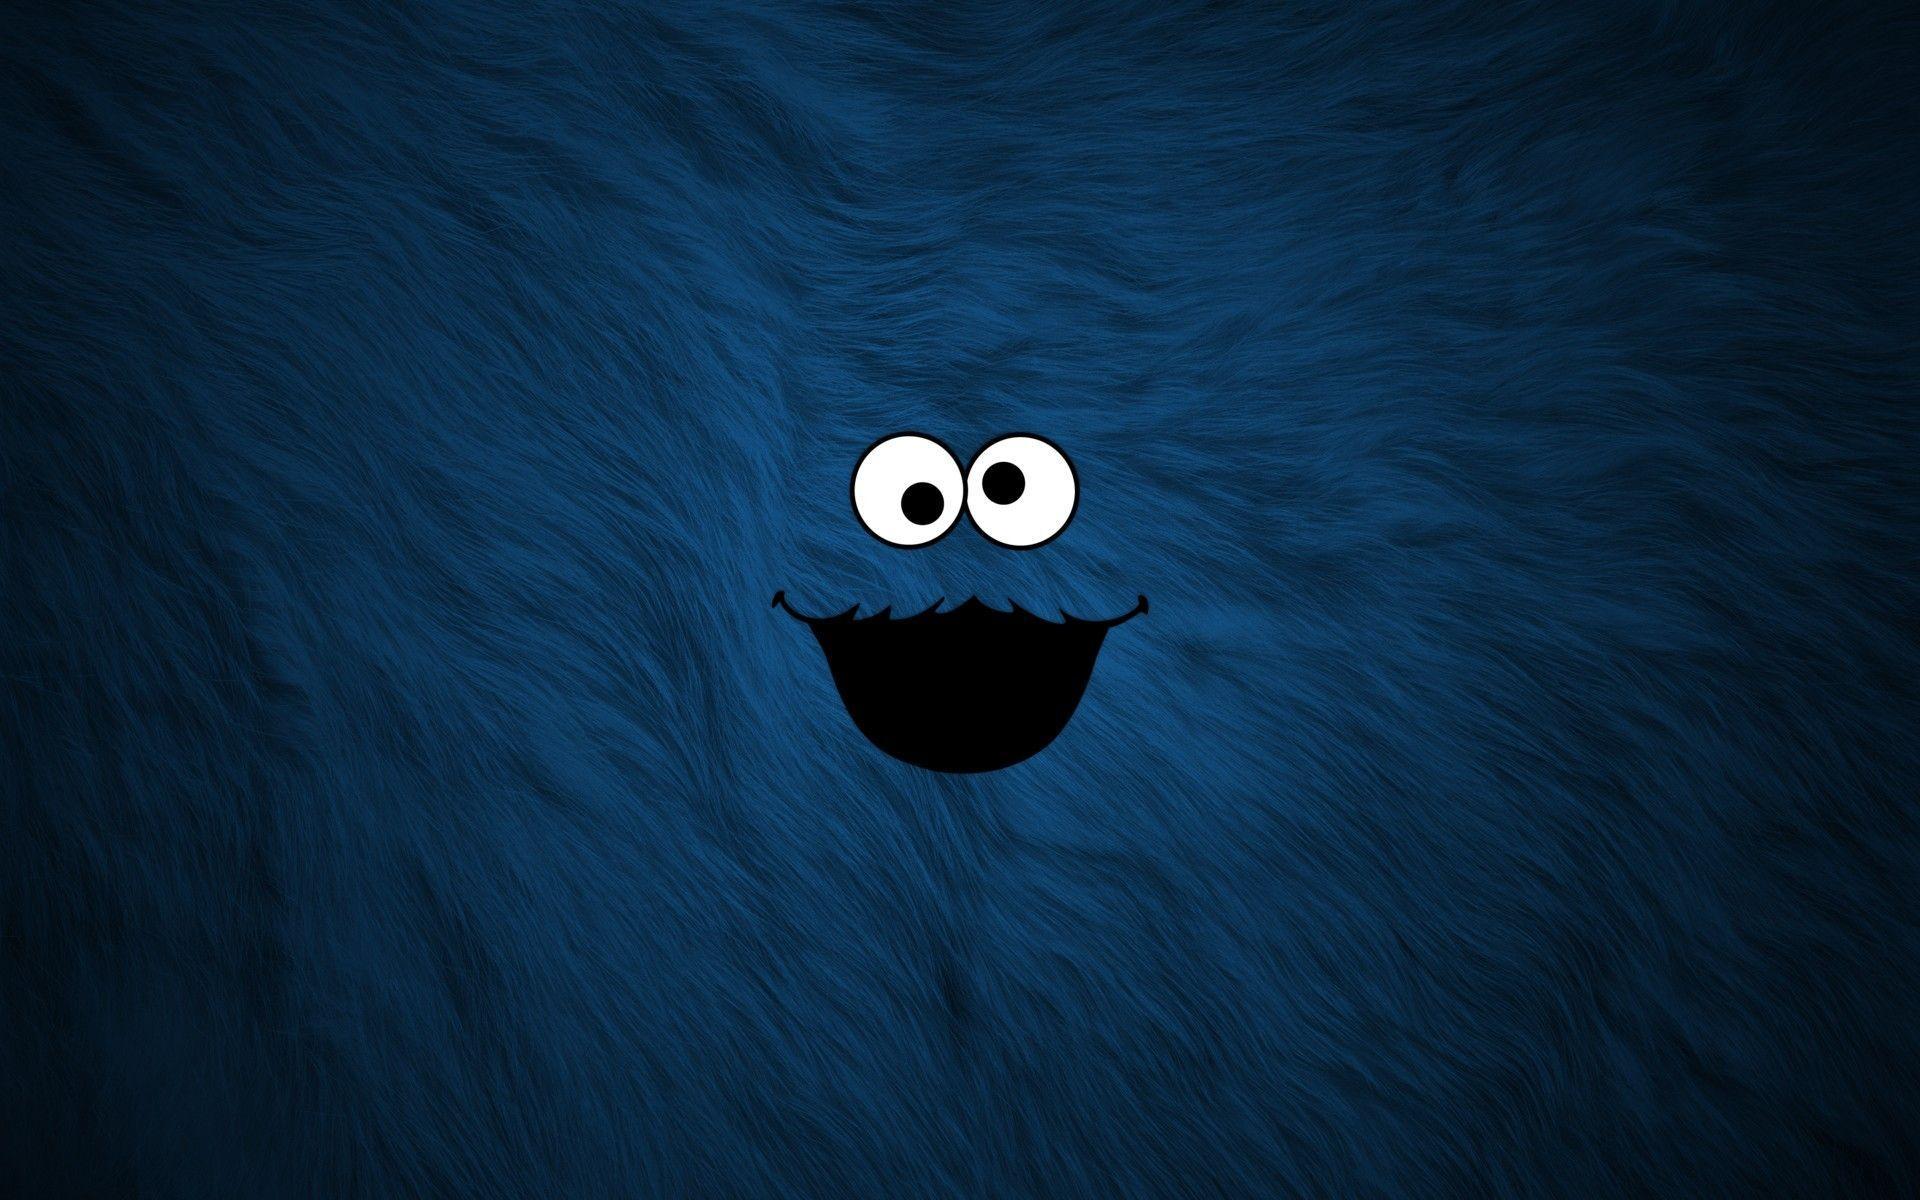 Monster Wallpaper Hd x  Group